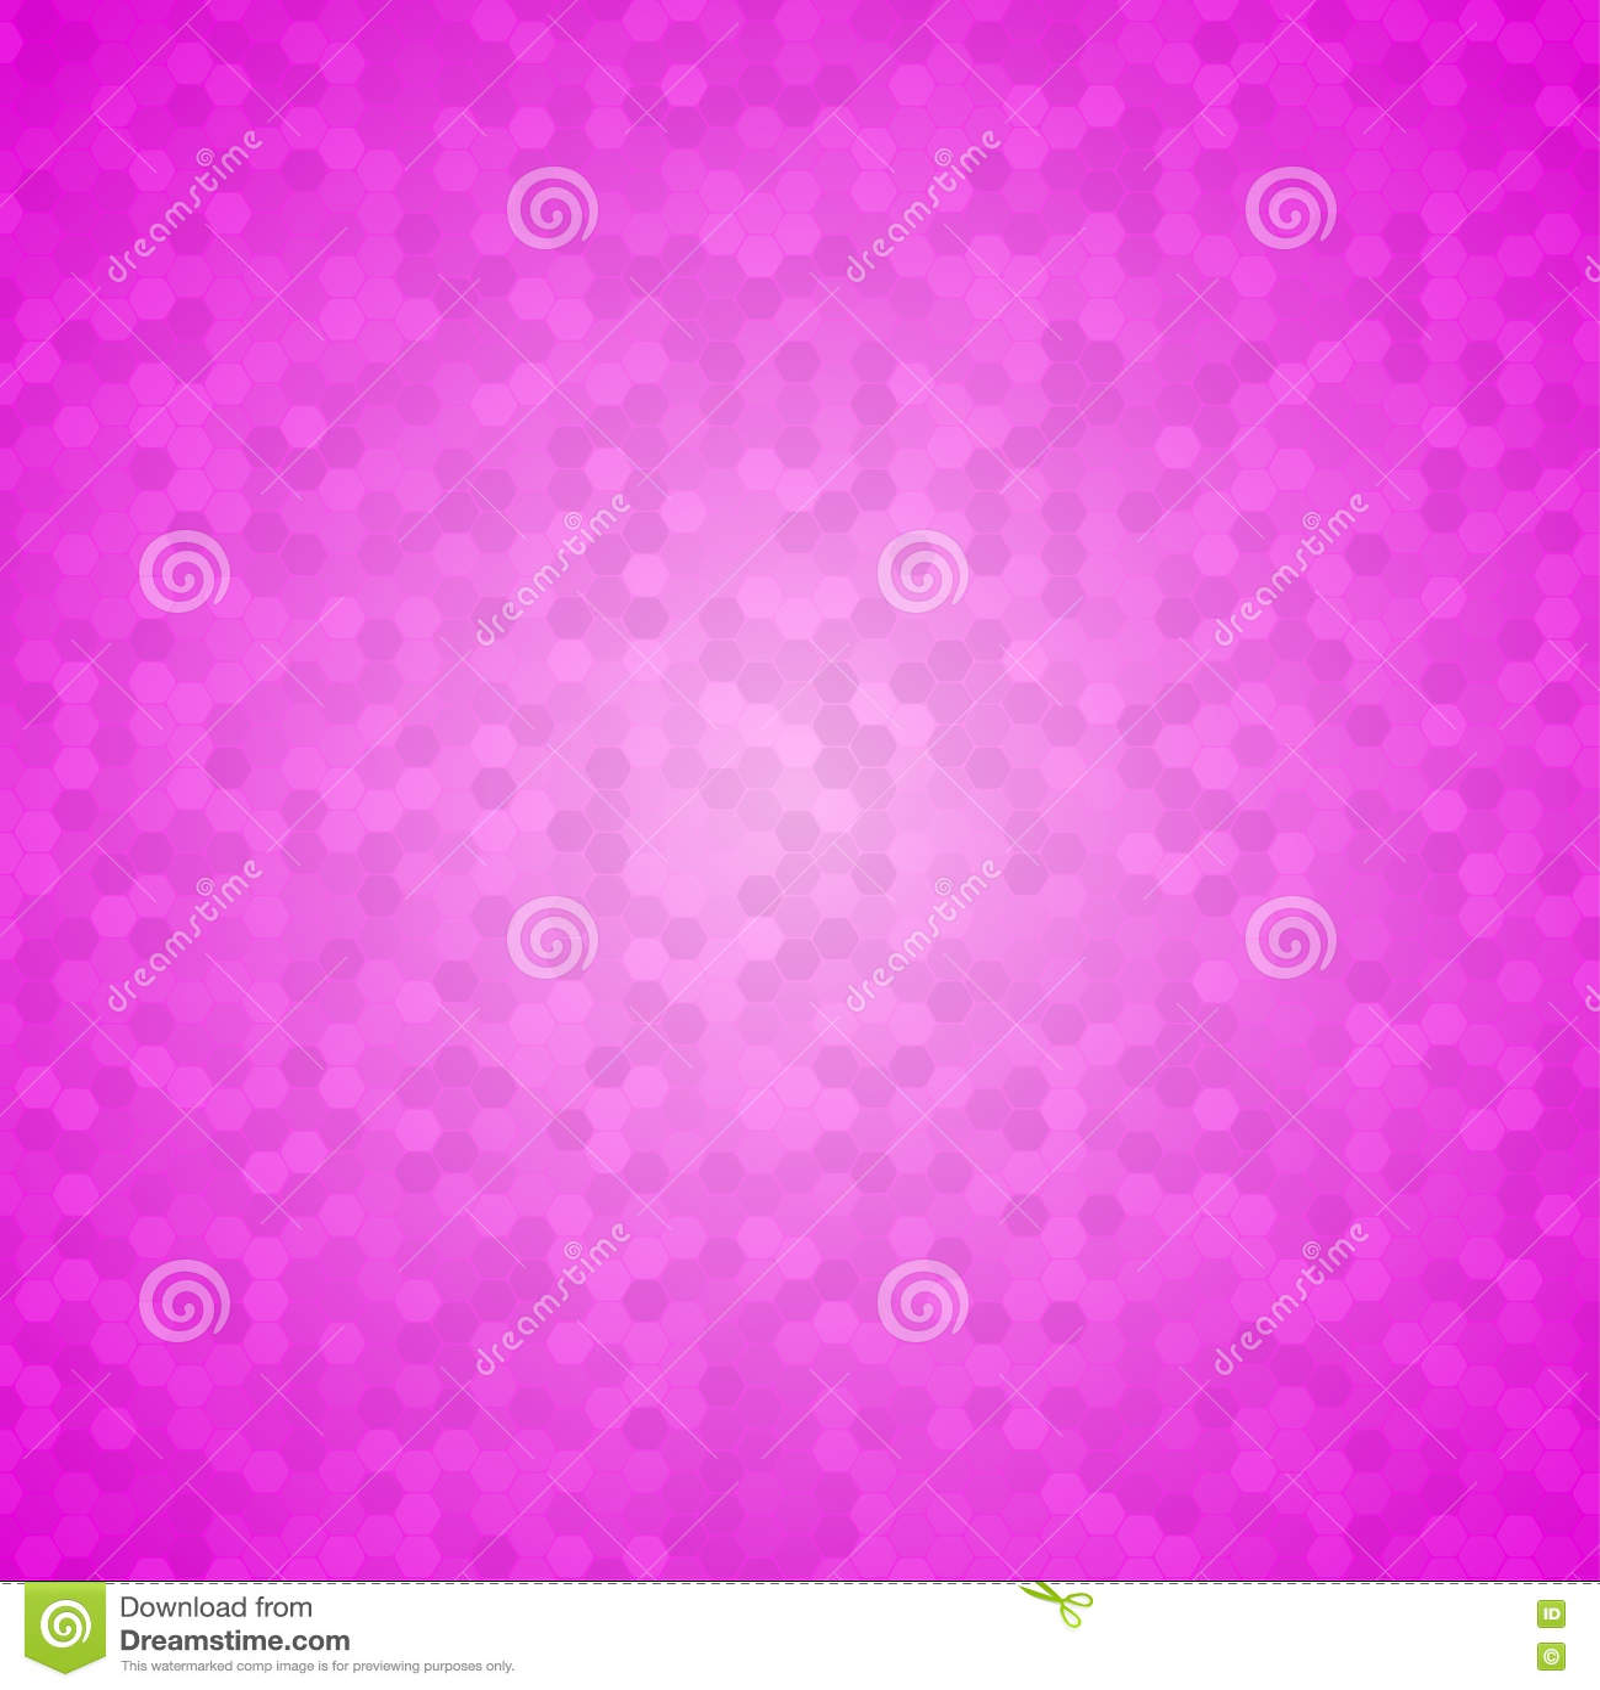 Rosa Mosaik Fliesen Bienenwaben Vektor Hintergrund Vektor Abbildung